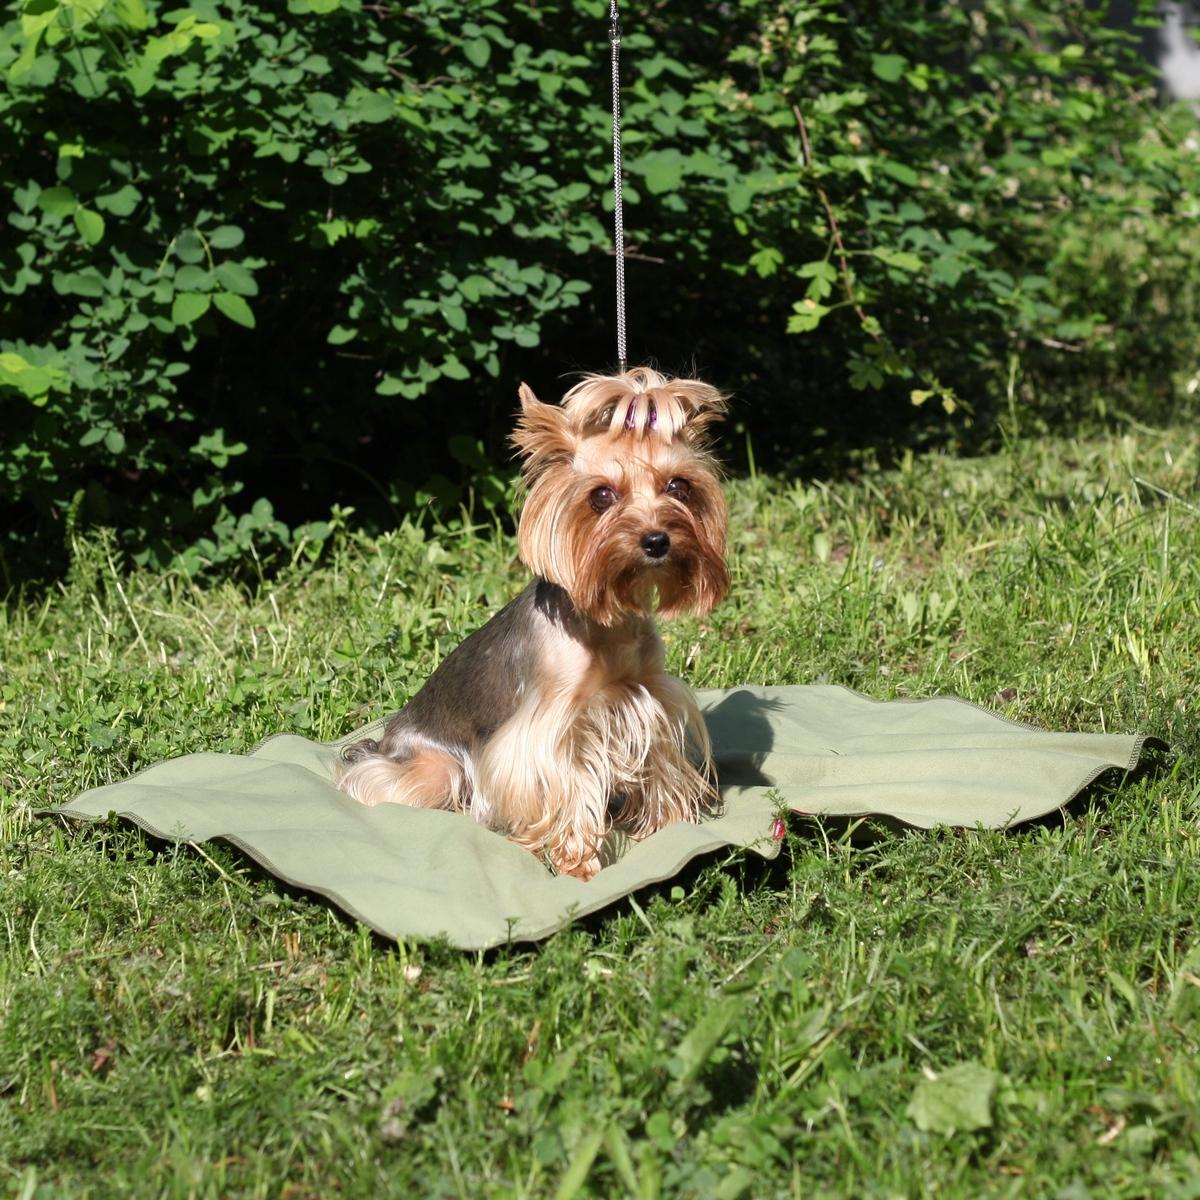 Коврик для собак Osso Fashion, охлаждающий, цвет: оливковый, 50 х 70 см0120710Охлаждающий коврик Osso Fashion из ткани ССТ (COOL COMFORT TECHNOLOGY) помогает собакам легче переносить жару, делает более комфортным их пребывание в душной квартире, в транспорте и на выставках.Охлаждающий коврик можно постелить на пол или на лежанку, где собаке будет комфортно проводить время жарким летним днем. Также его можно использовать как покрывало, которое защитит от жары и вас, и вашего питомца. Охлаждающее изделие Osso Fashion сшиты из инновационной ткани ССТ (COOL COMFORT TECHNOLOGY), которая создает персональную зону охлаждения и обеспечивает комфортную терморегуляцию на длительное время. Охлаждение ткани обеспечивается за счет уникальной структуры переплетения волокон, создающих капиллярные сети повышенной плотности. Серебросодержащее волокно X-Static, входящее в состав ткани, придает ей антистатические и антимикробные свойства. Длительное использование и многократные стирки не влияют на охлаждающие свойства ткани. В отличие от охлаждающих тканей предыдущего поколения, эта ткань не имеет химической пропитки и не содержит охлаждающих гелей.При активации изделия (встряхивании) происходит максимальное охлаждение за счет испарения воды. Однако - из-за уникальной комбинации волокон и их взаимодействия между собой - испарение и потеря влаги происходит медленно, поскольку одновременно идет мощное впитывание паров и водоотведение.Чтобы активировать охлаждающее действие изделия его нужно намочить, отжать и встряхнуть. Подходит вода из любого источника: из-под крана, дождевая, речная, морская, влага от потоотделения - они реактивируют охлаждающую функцию снова и снова.Охлаждающая подстилка для собак Osso Fashion подходит для маленьких, больших и средних собак.Размер коврика: 50 х 70 см.